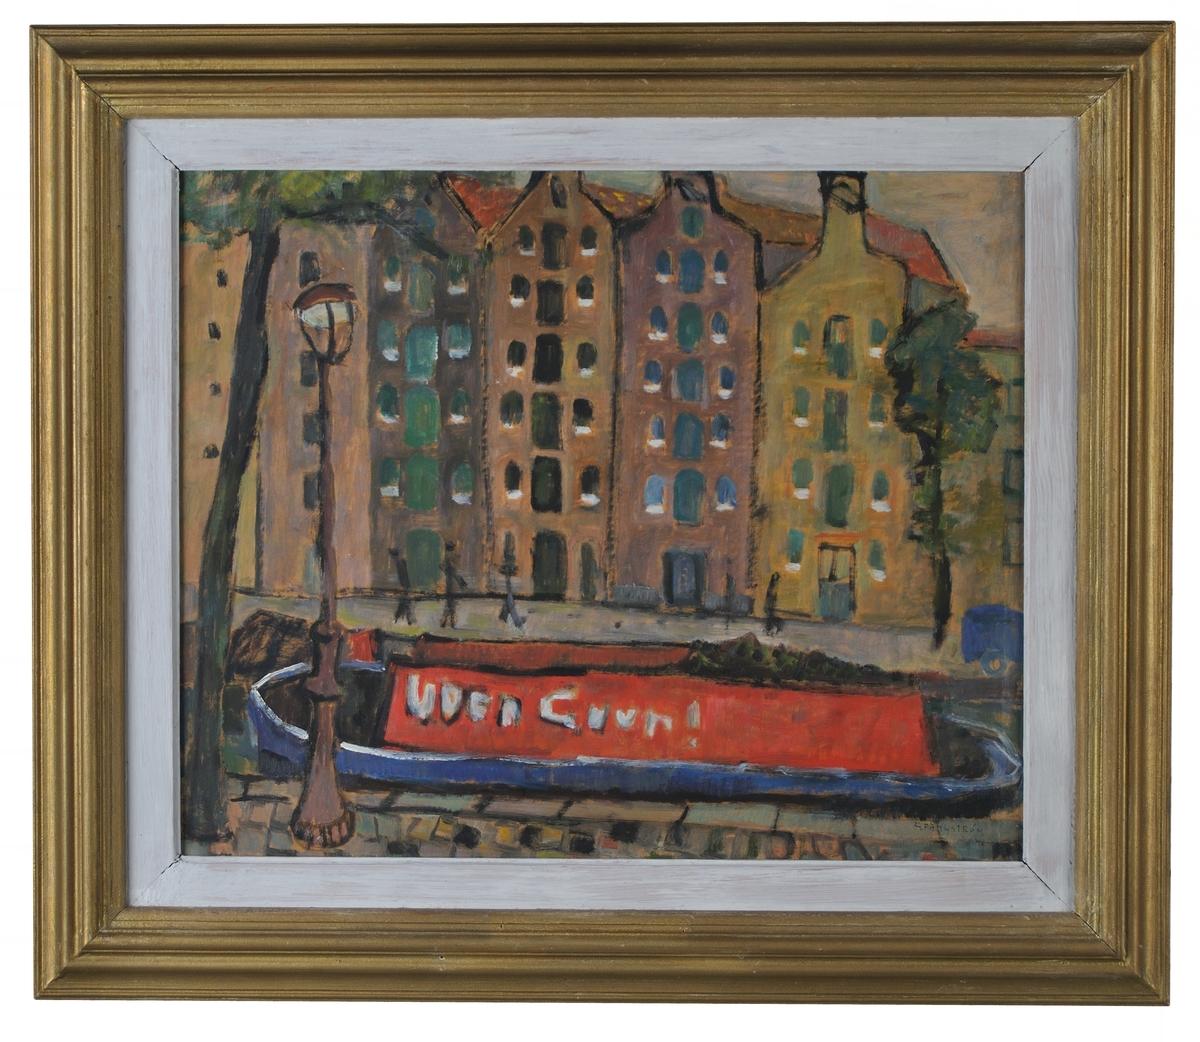 """Målning """"Pråm vid Brouwergracht""""  Oljemålning på pannå (masonit). Kanal som helt upptas av en pråm med någonting rött i, enstaka träd. Lyktstolpe tv. Fonden enrad höga smala hus, med gavlar utåt kanalen (magasiner?) Signerad G. Fängström 48."""